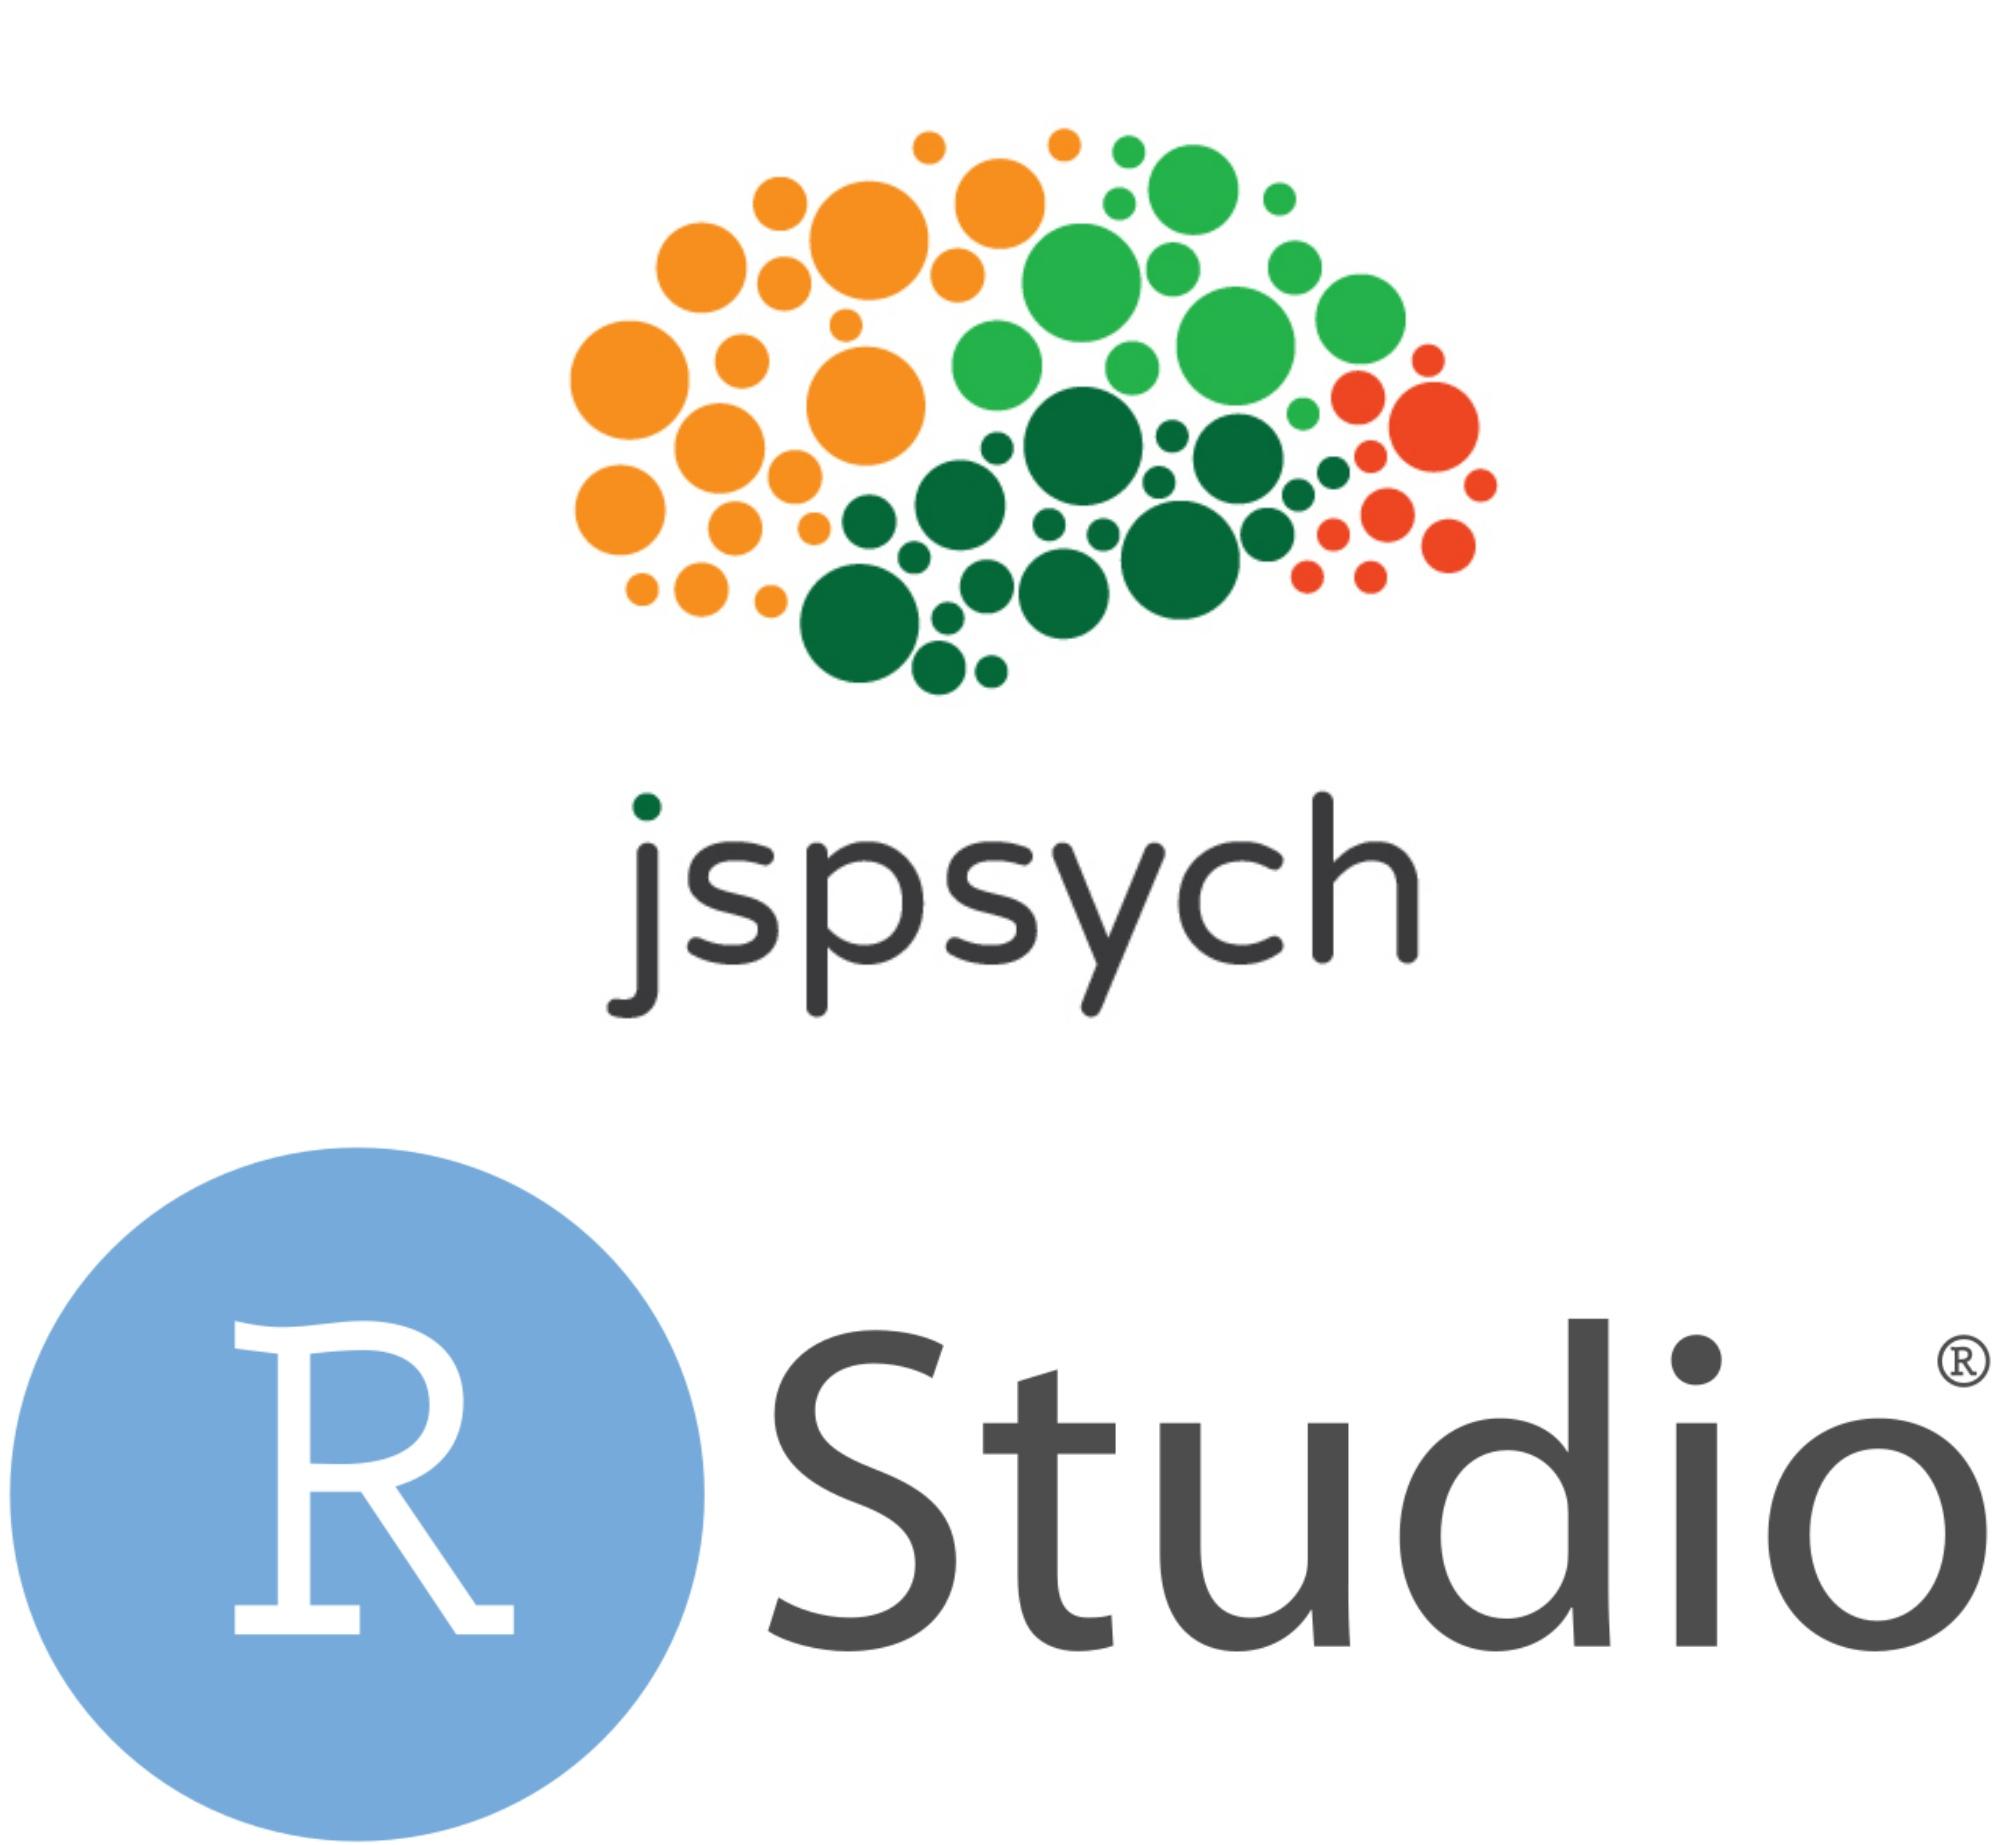 jsPsych